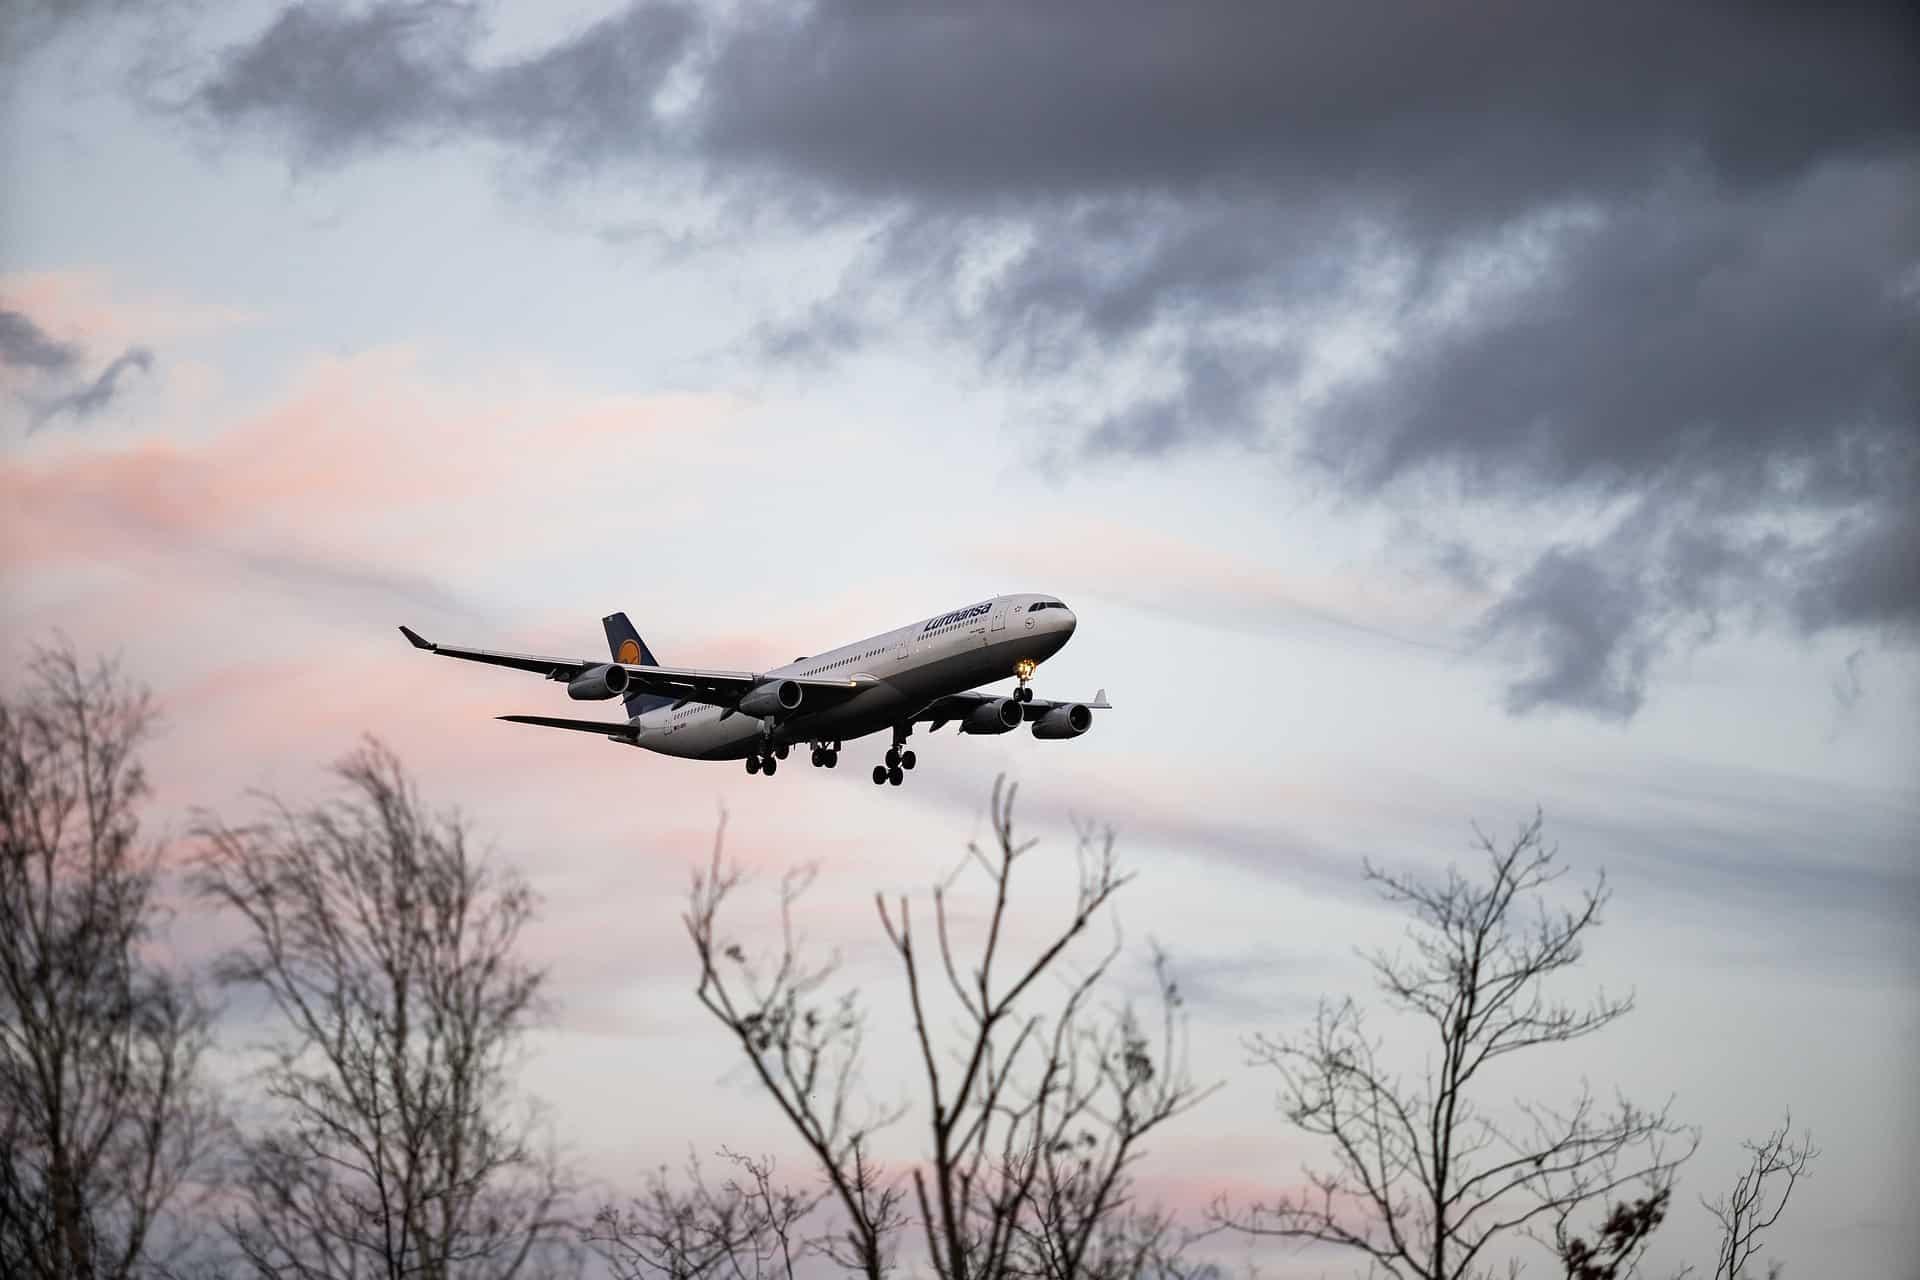 Fotografia de um avião para ilustração do item